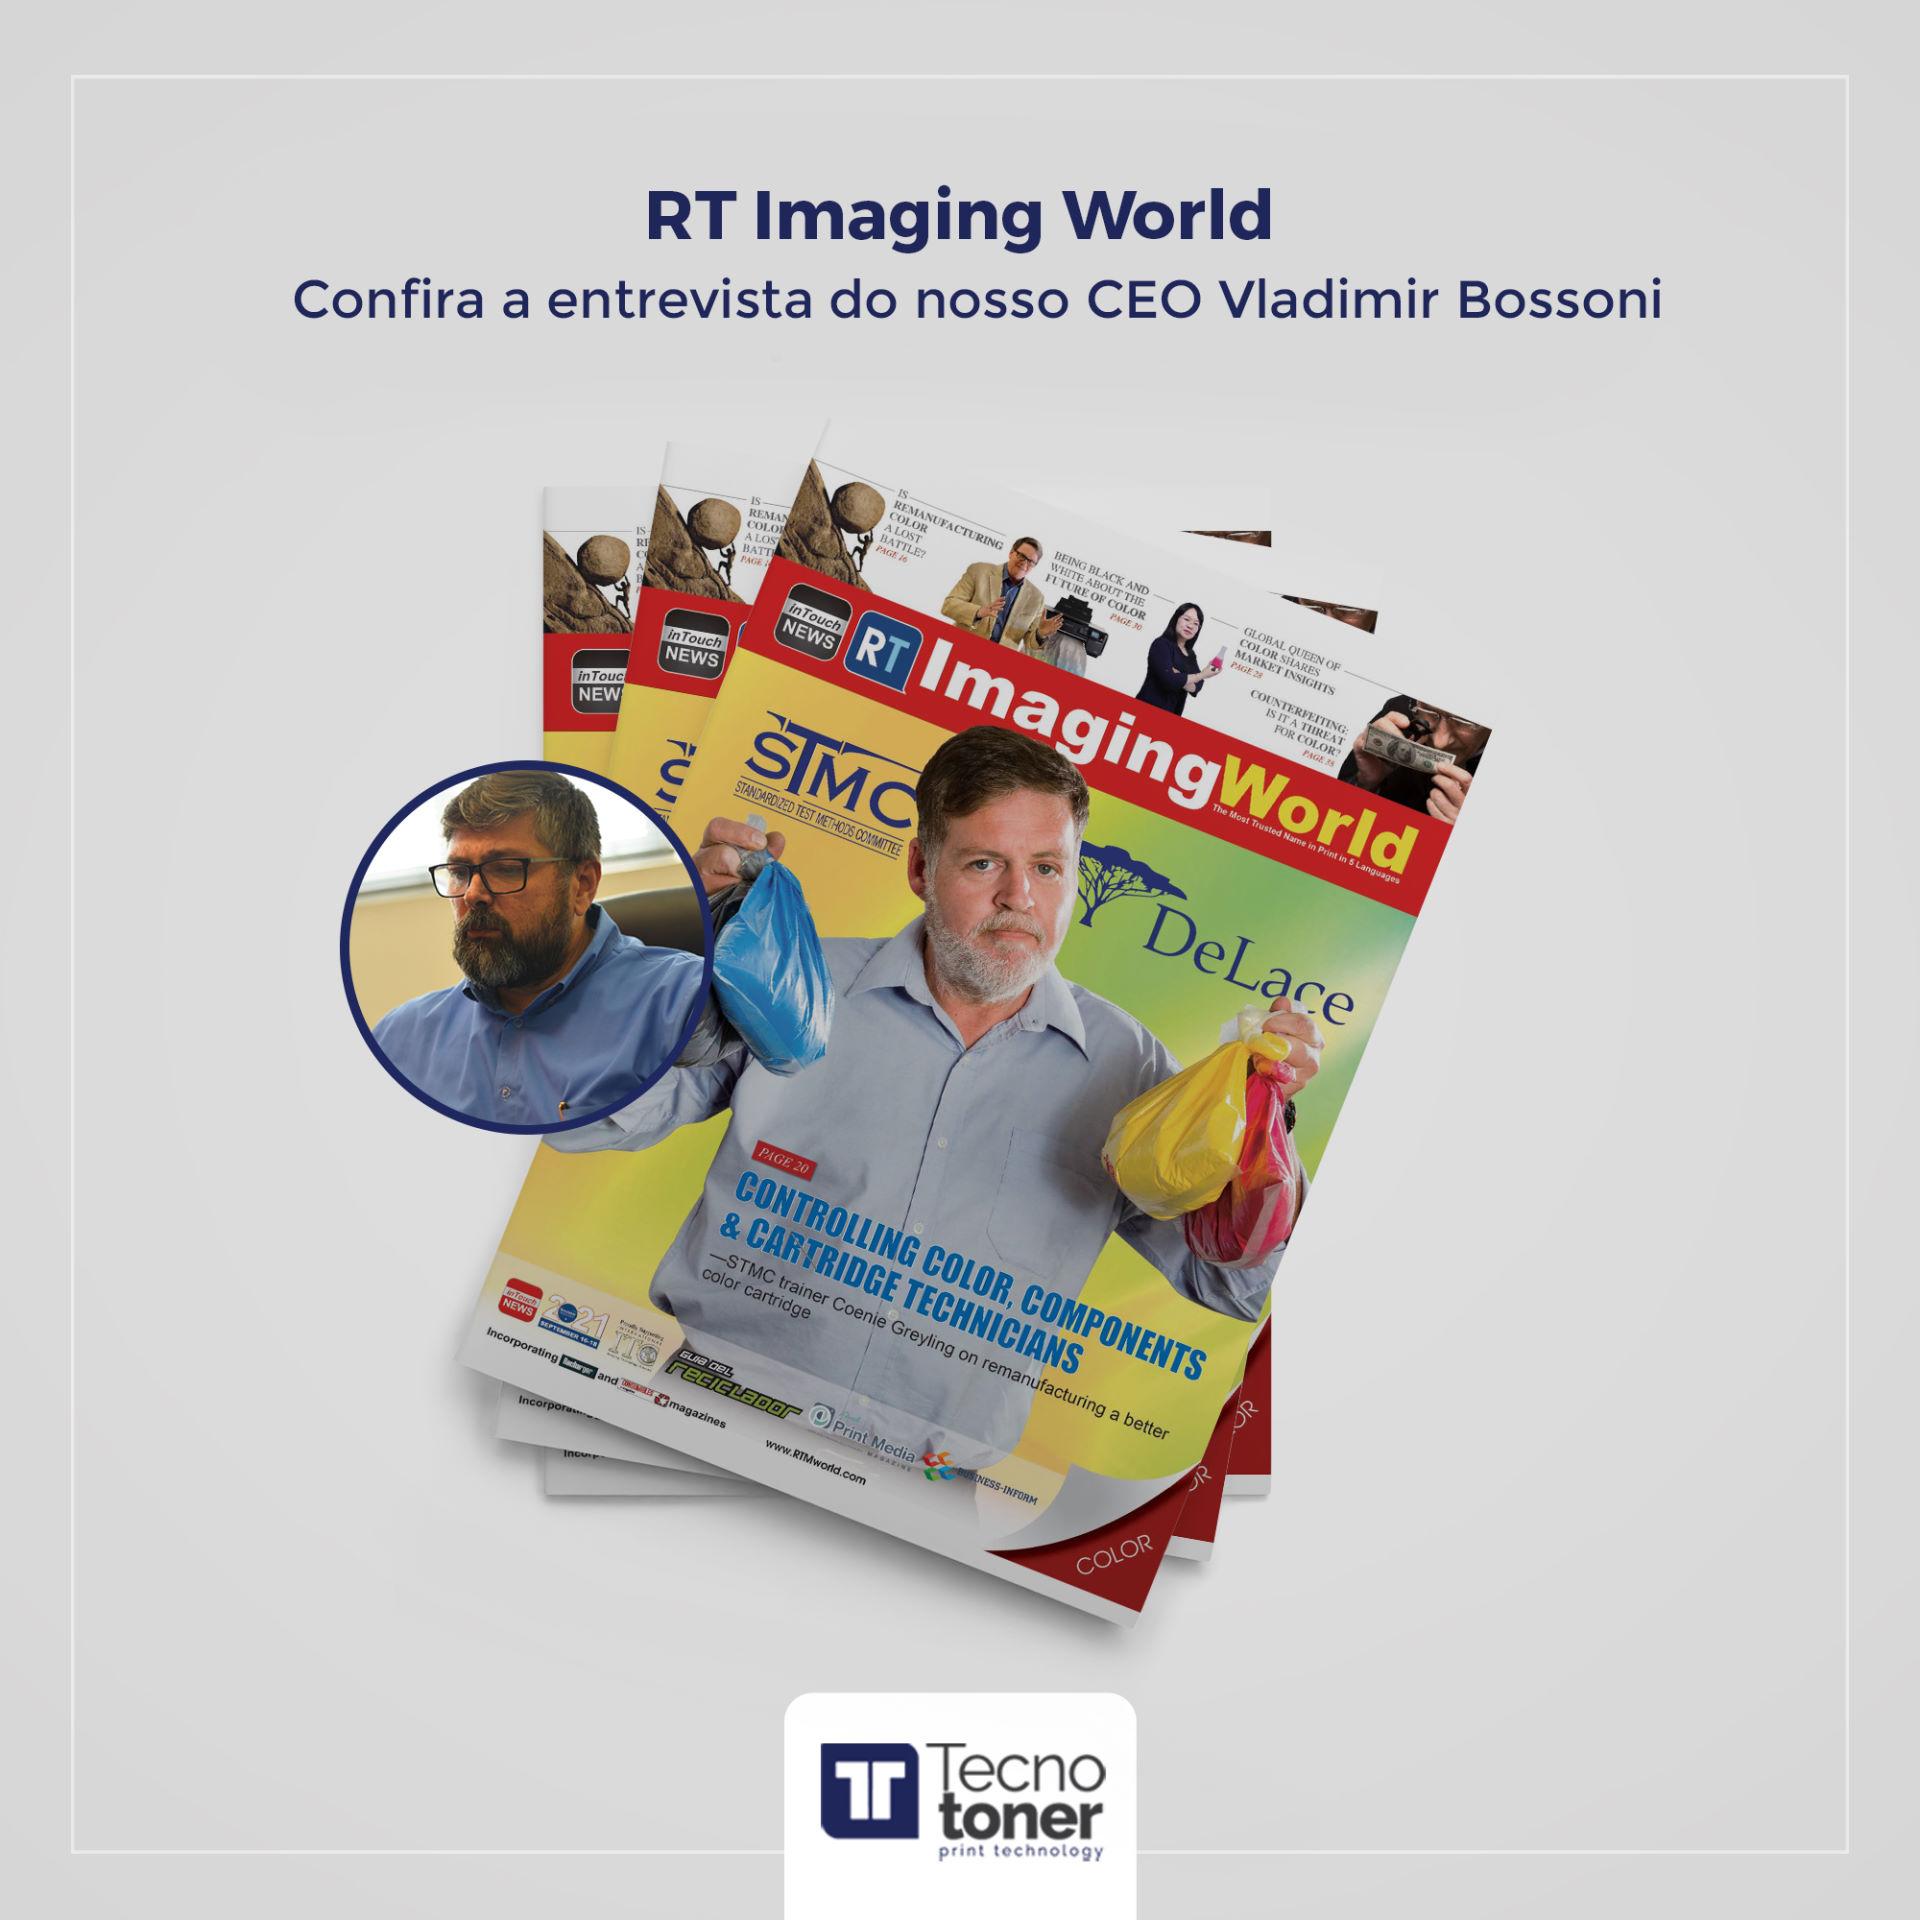 Entrevista de Vladimir Bossoni, Diretor Executivo da Tecnotoner à revista Imaging World